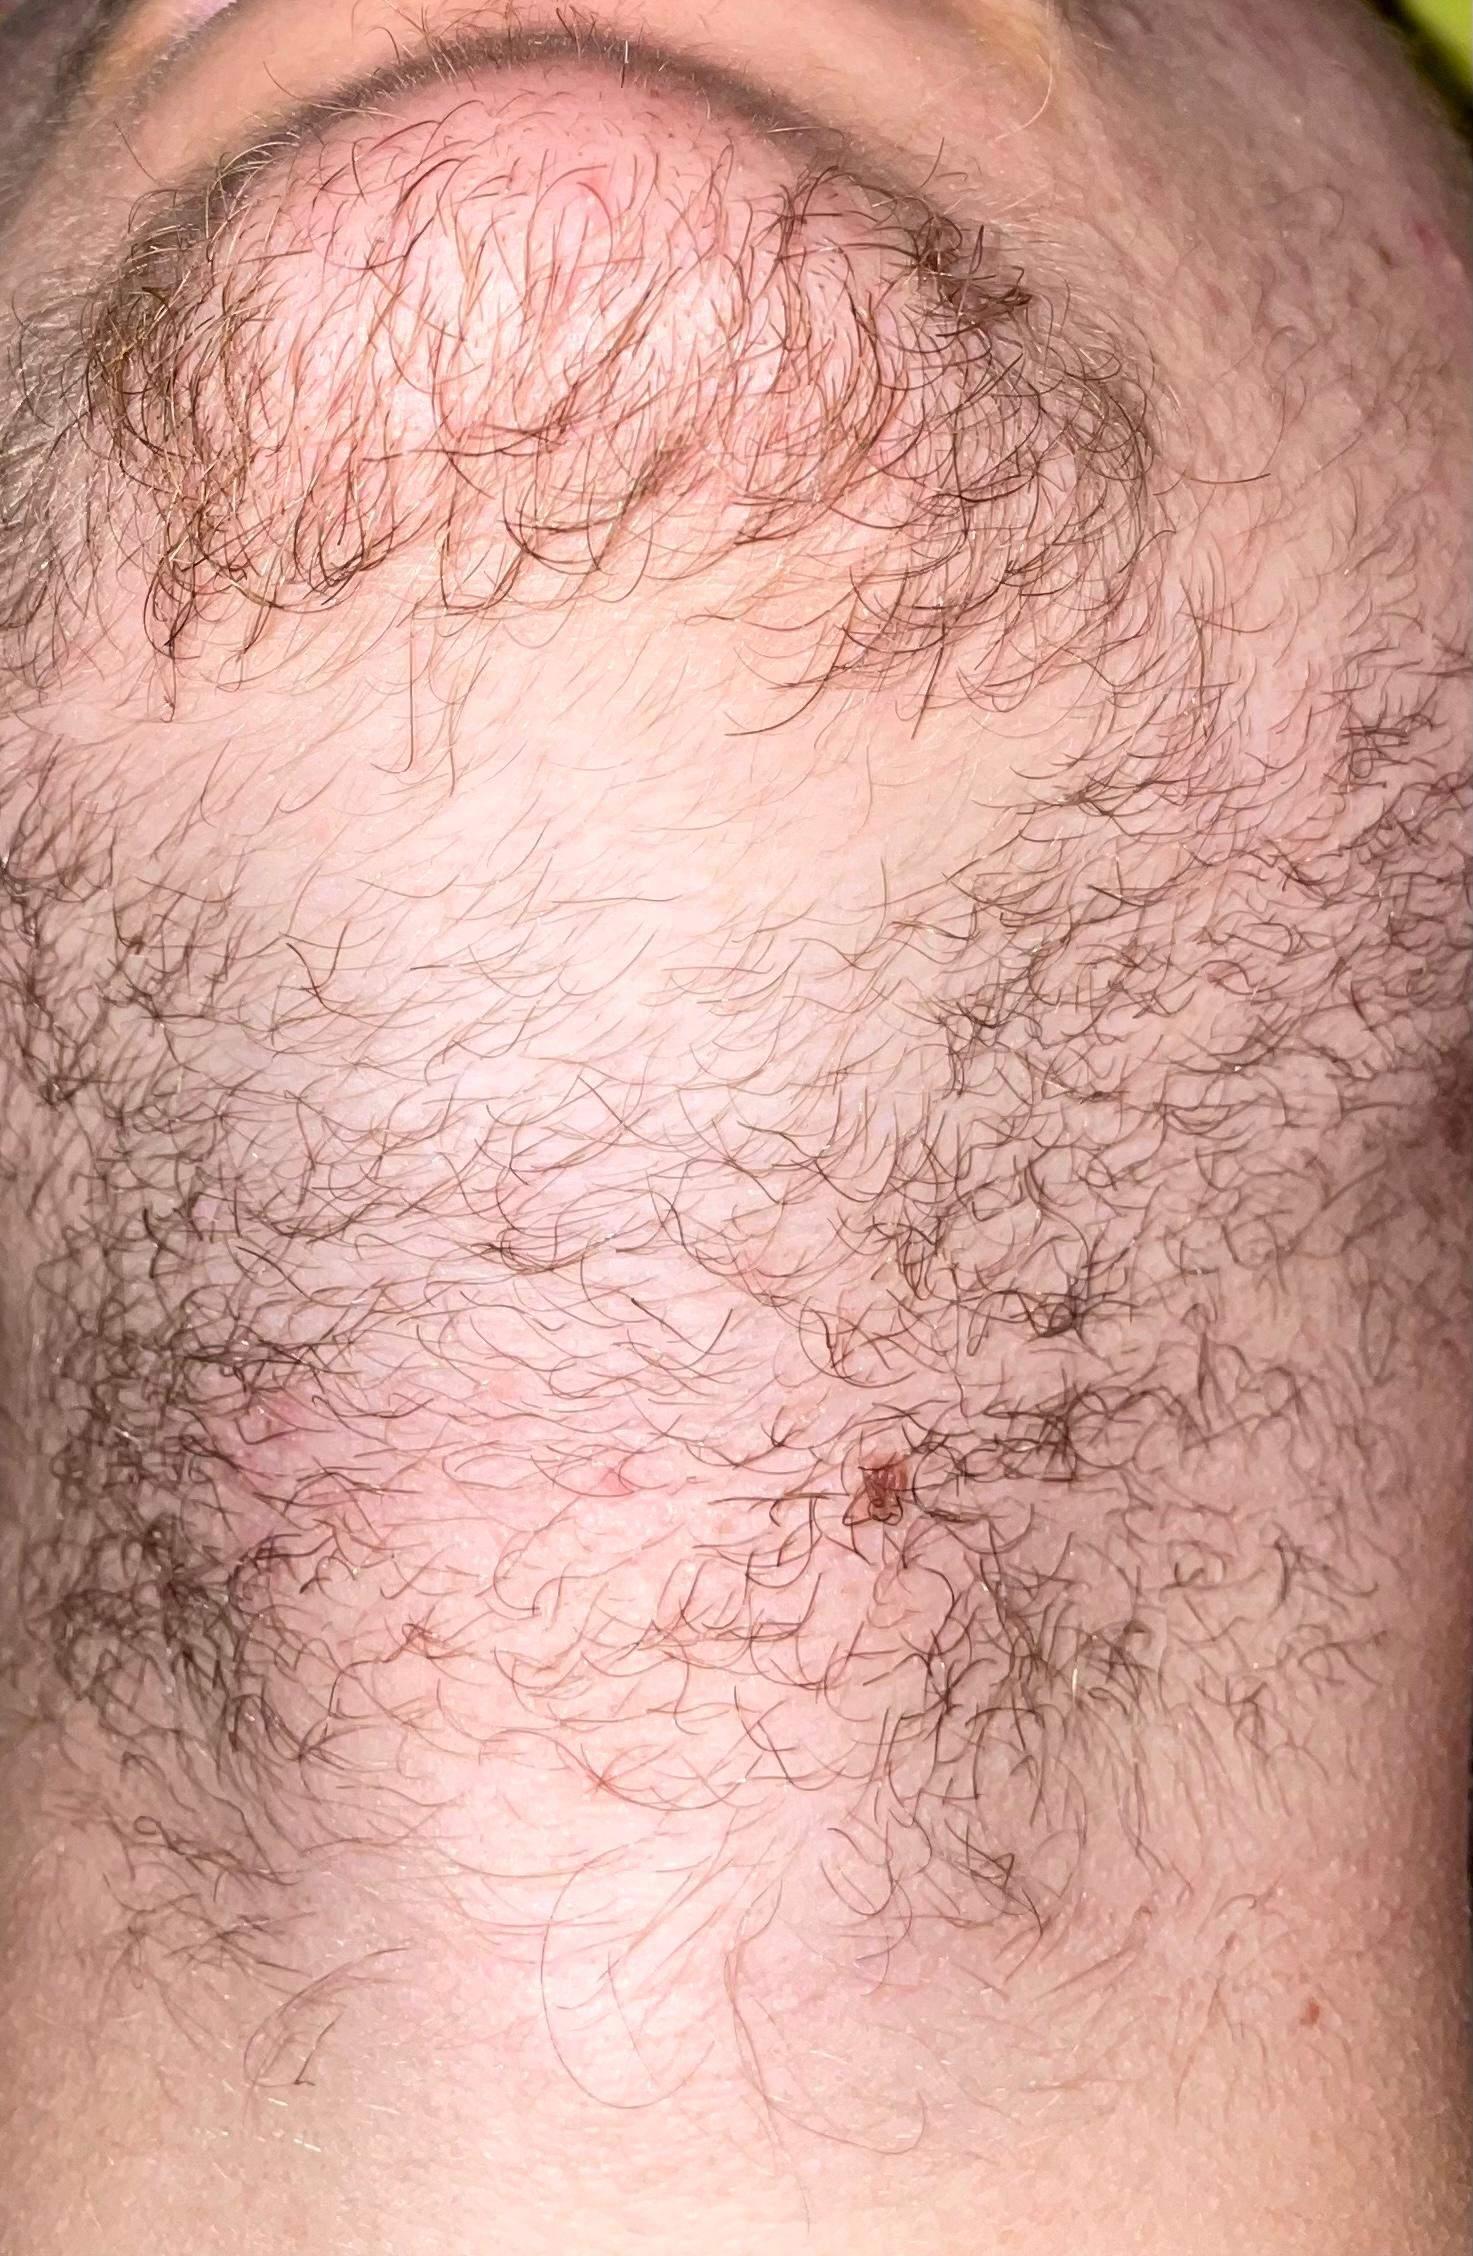 Wie kann ich die Lücken in meinem Bart füllen? (Männer